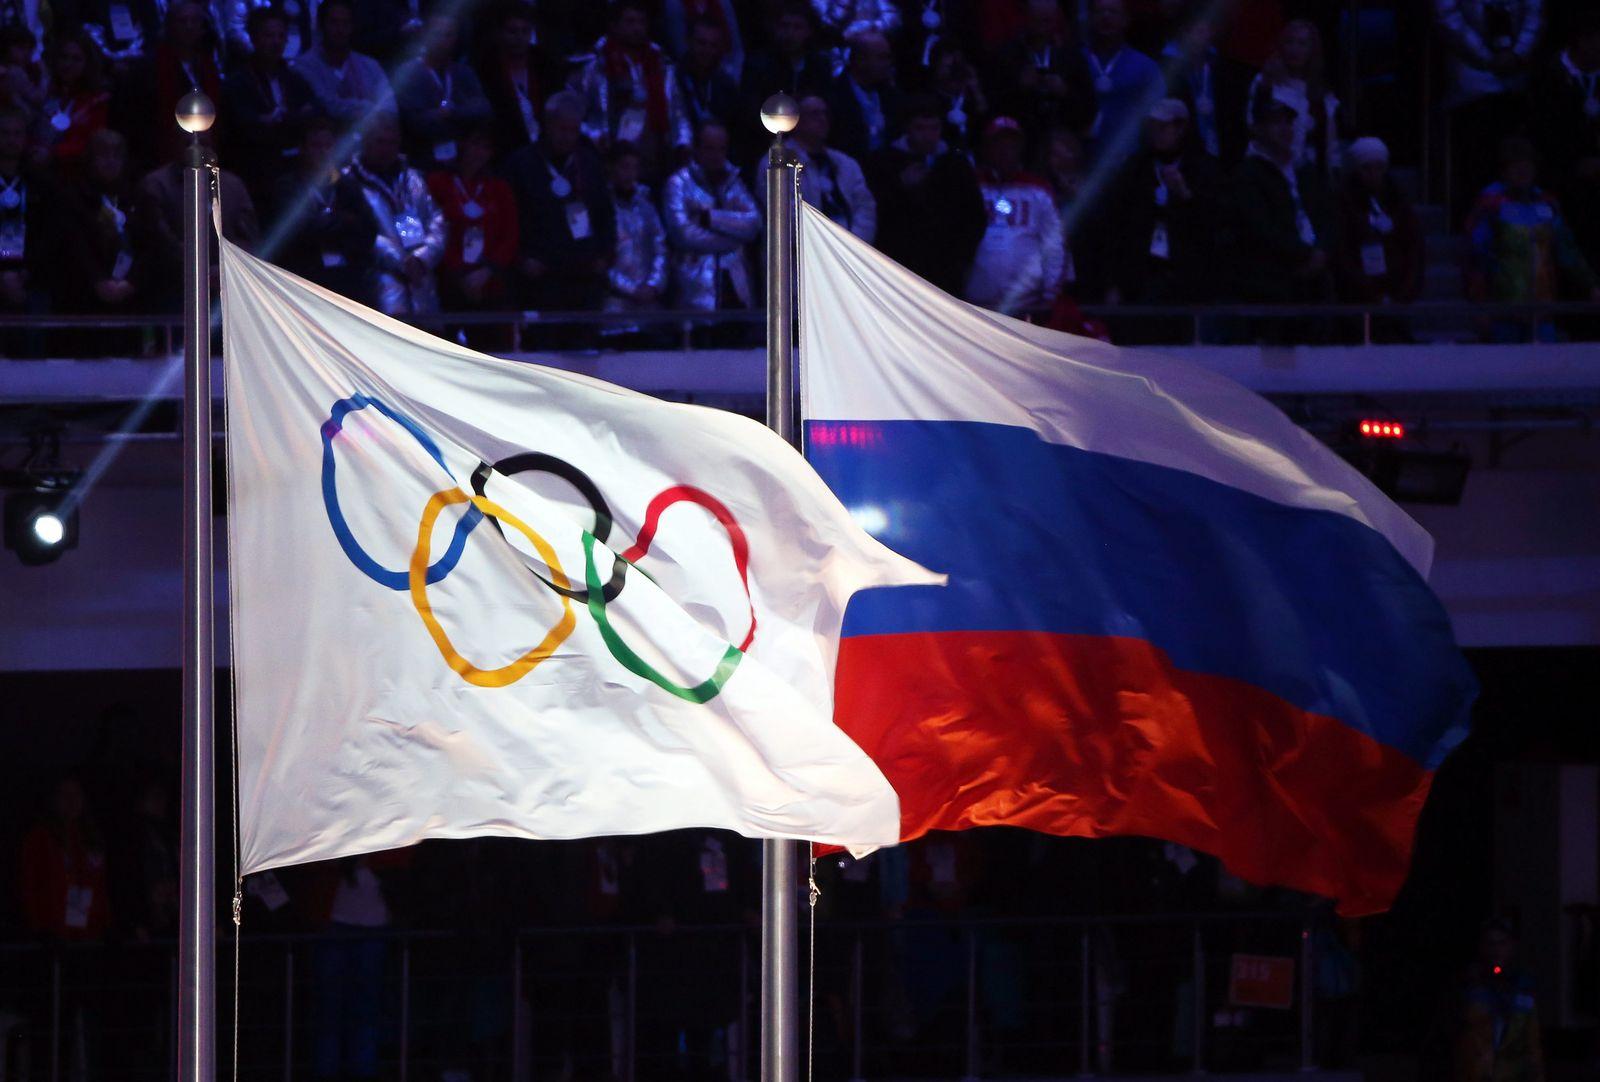 Sportgerichtshof-Urteil zum russischen Dopingskandal noch 2020